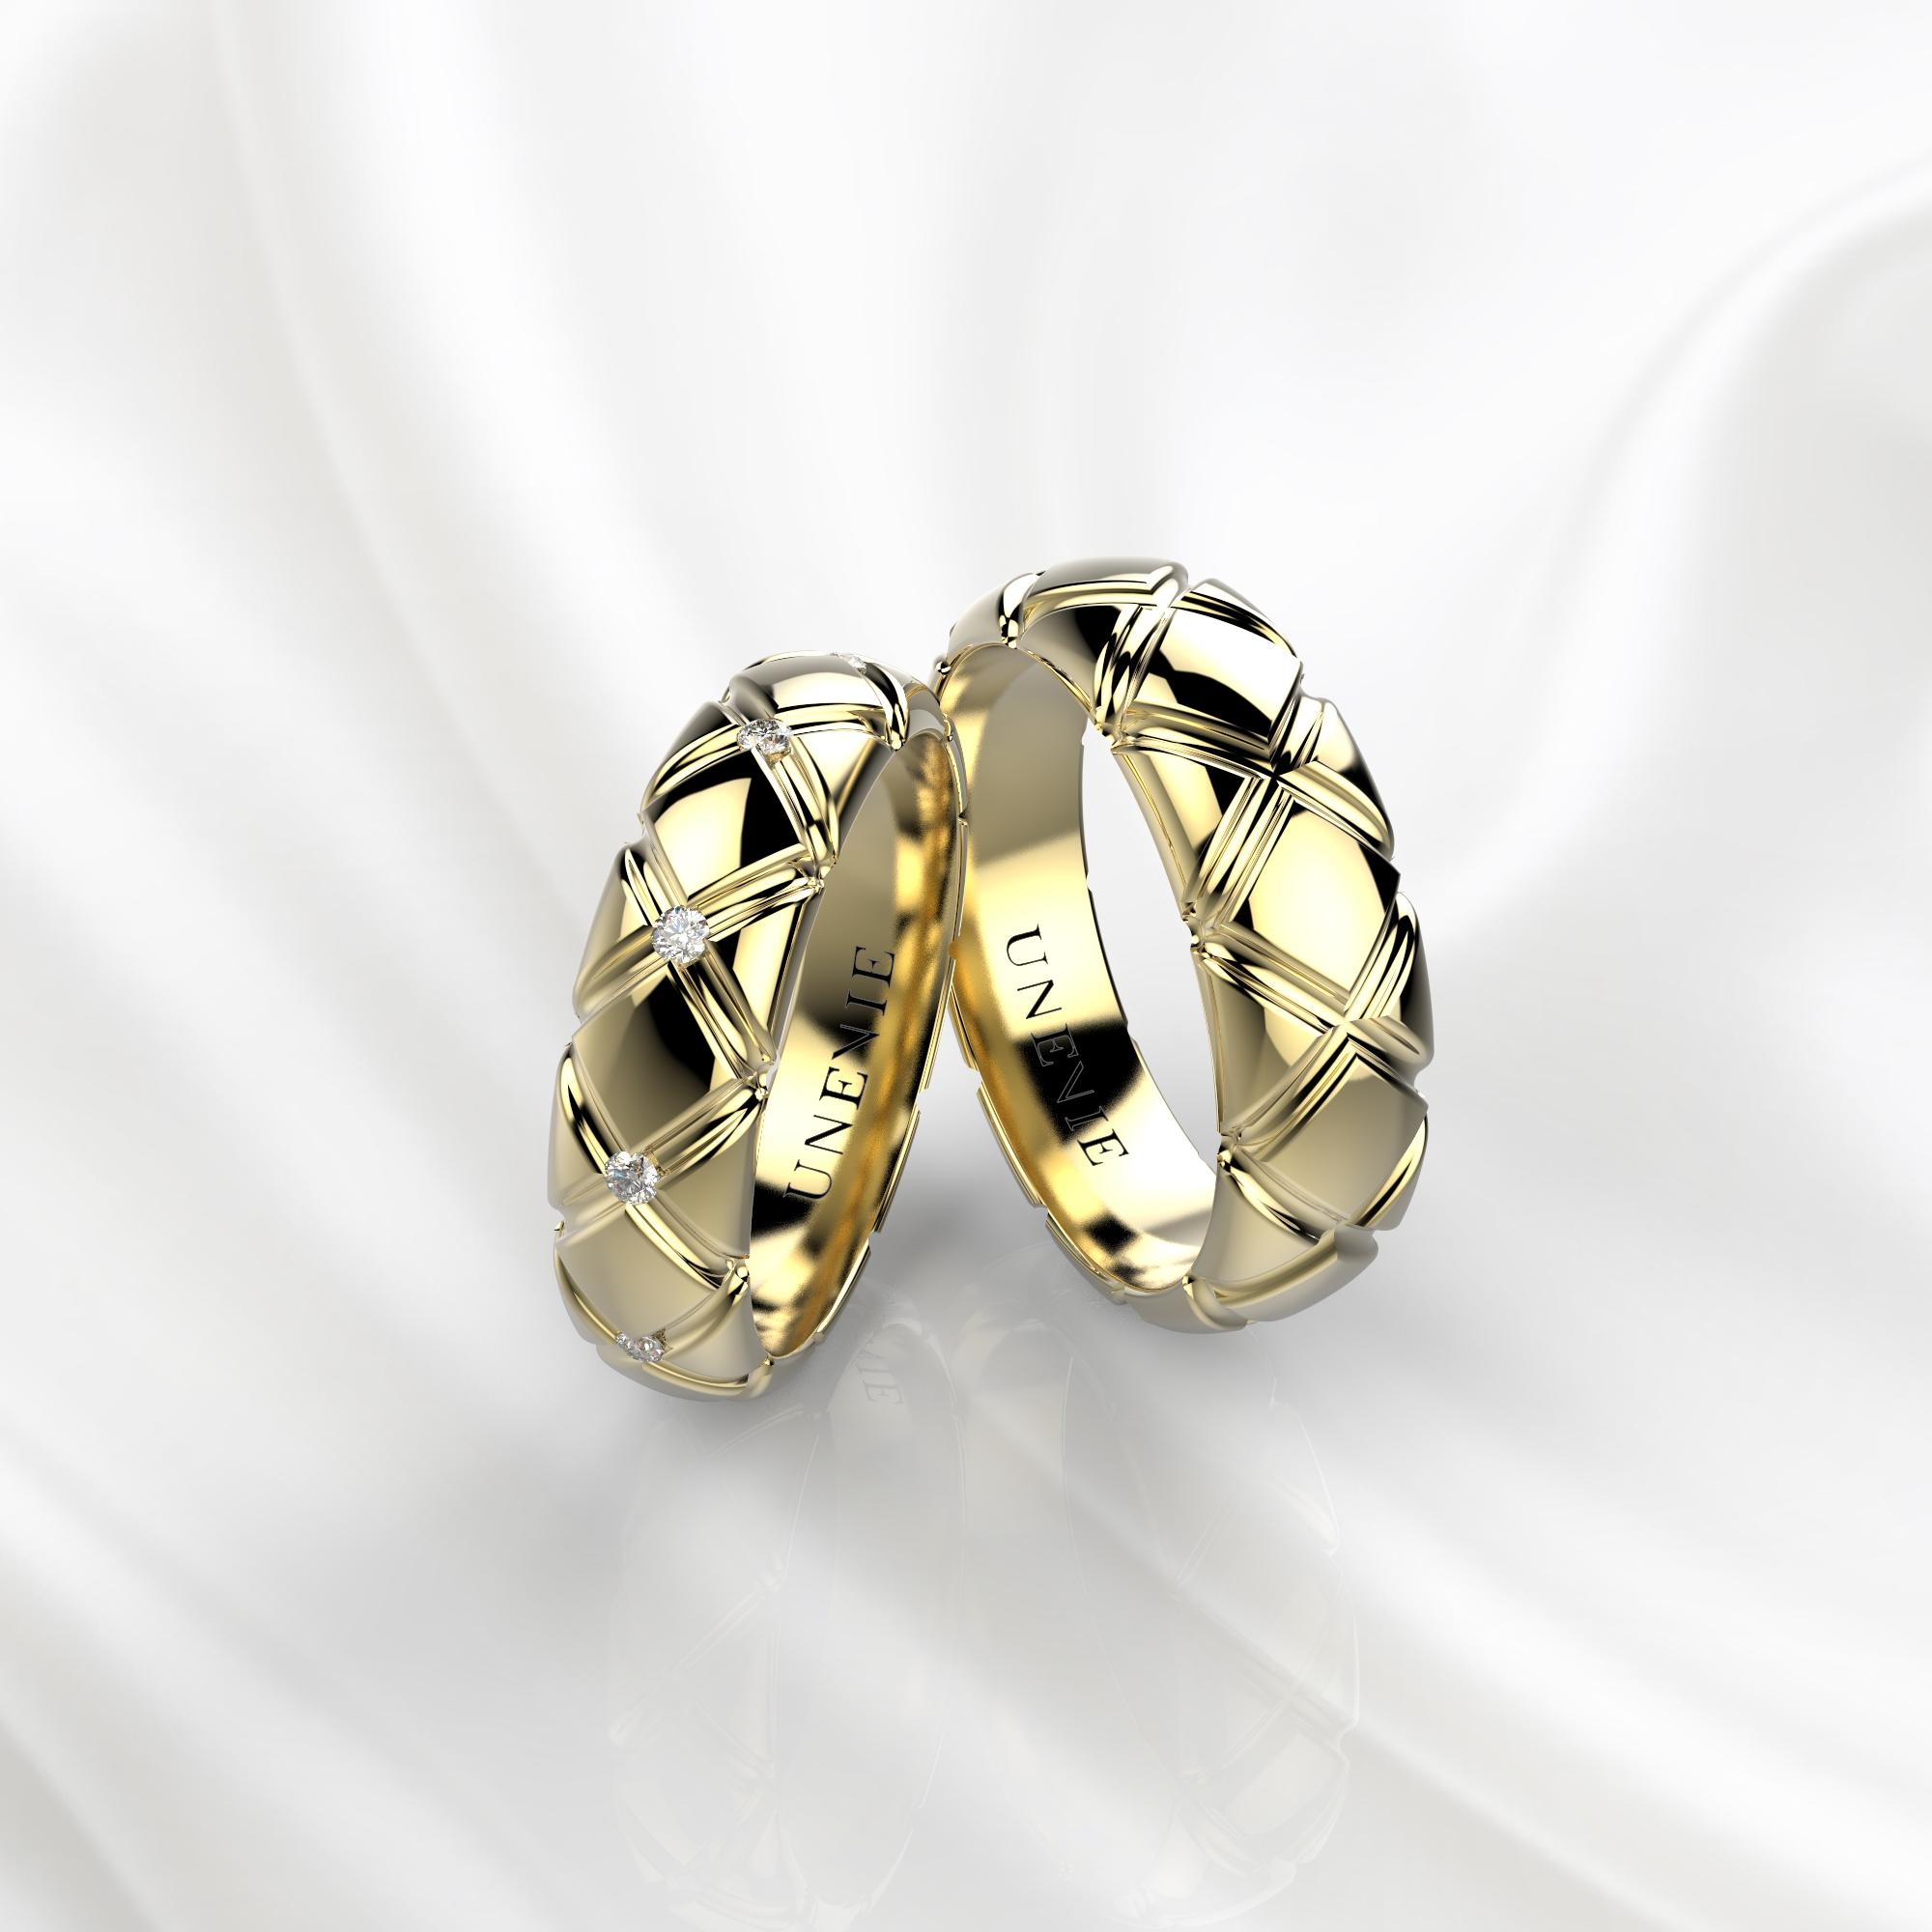 NV35 Обручальные кольца из желтого золота с бриллиантами